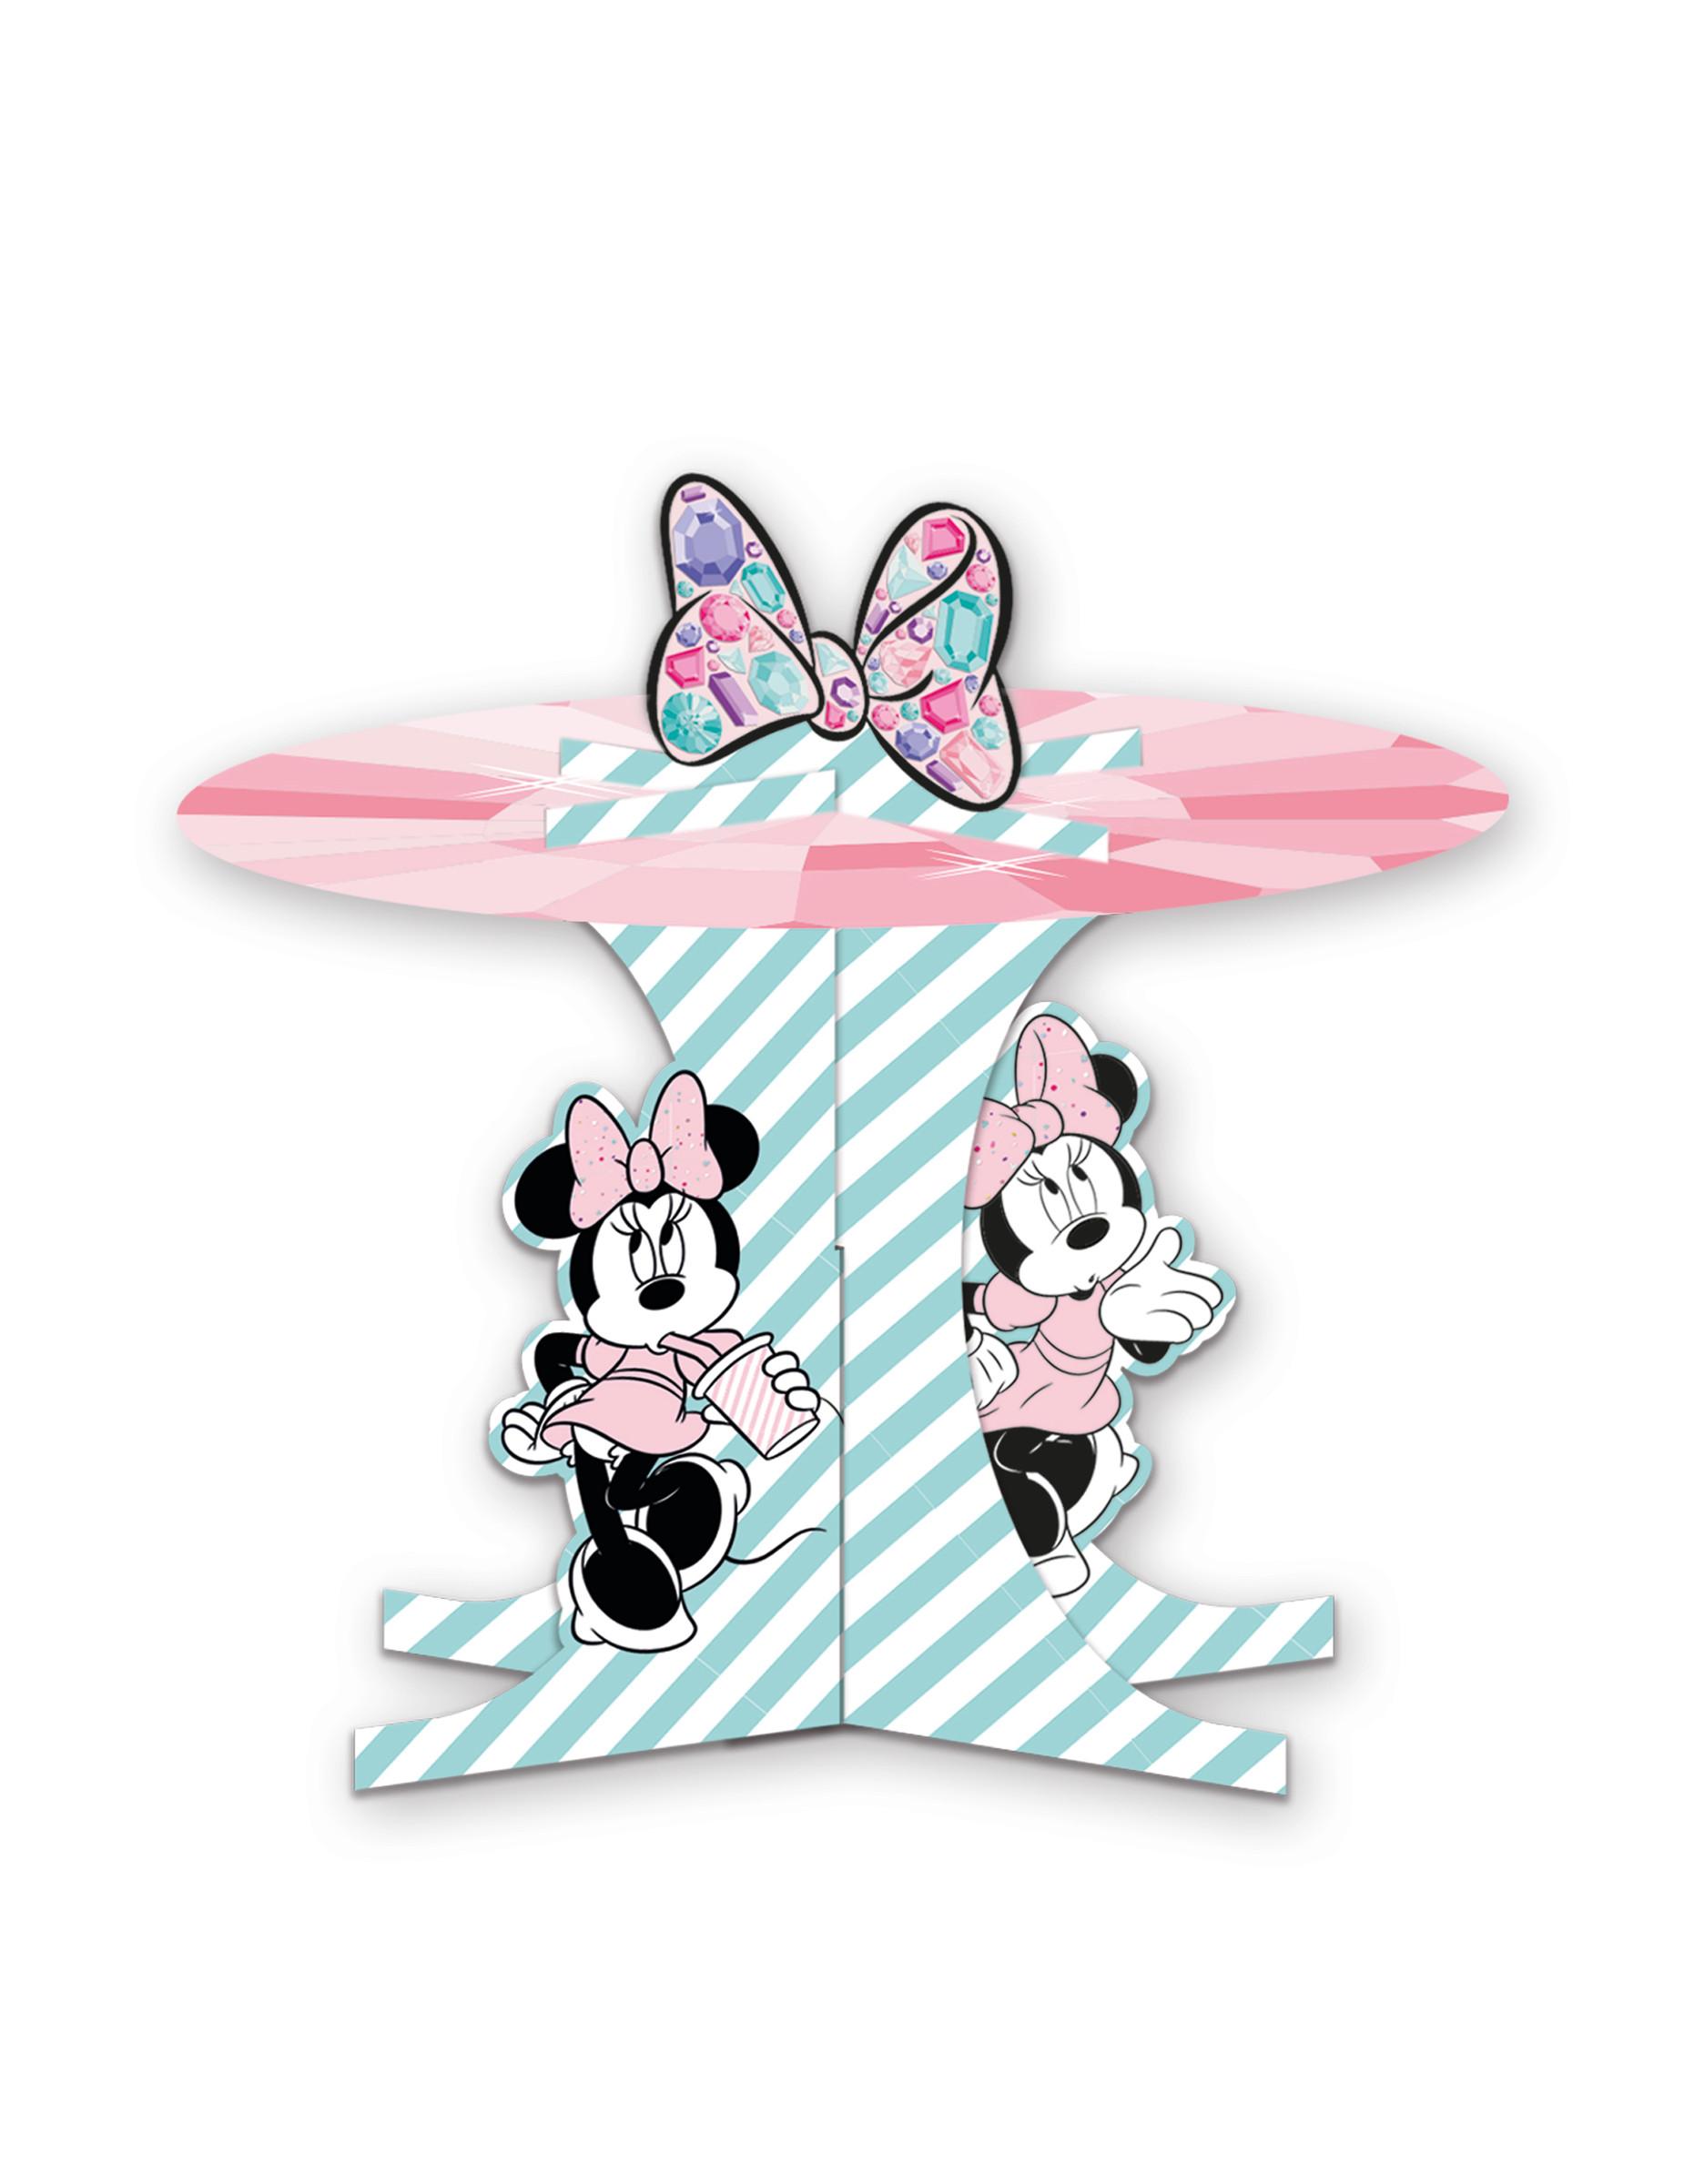 Minnie Maus-Cupcake-Aufsteller Tischzubehör Kindergeburtstag rosa-türkis 284795